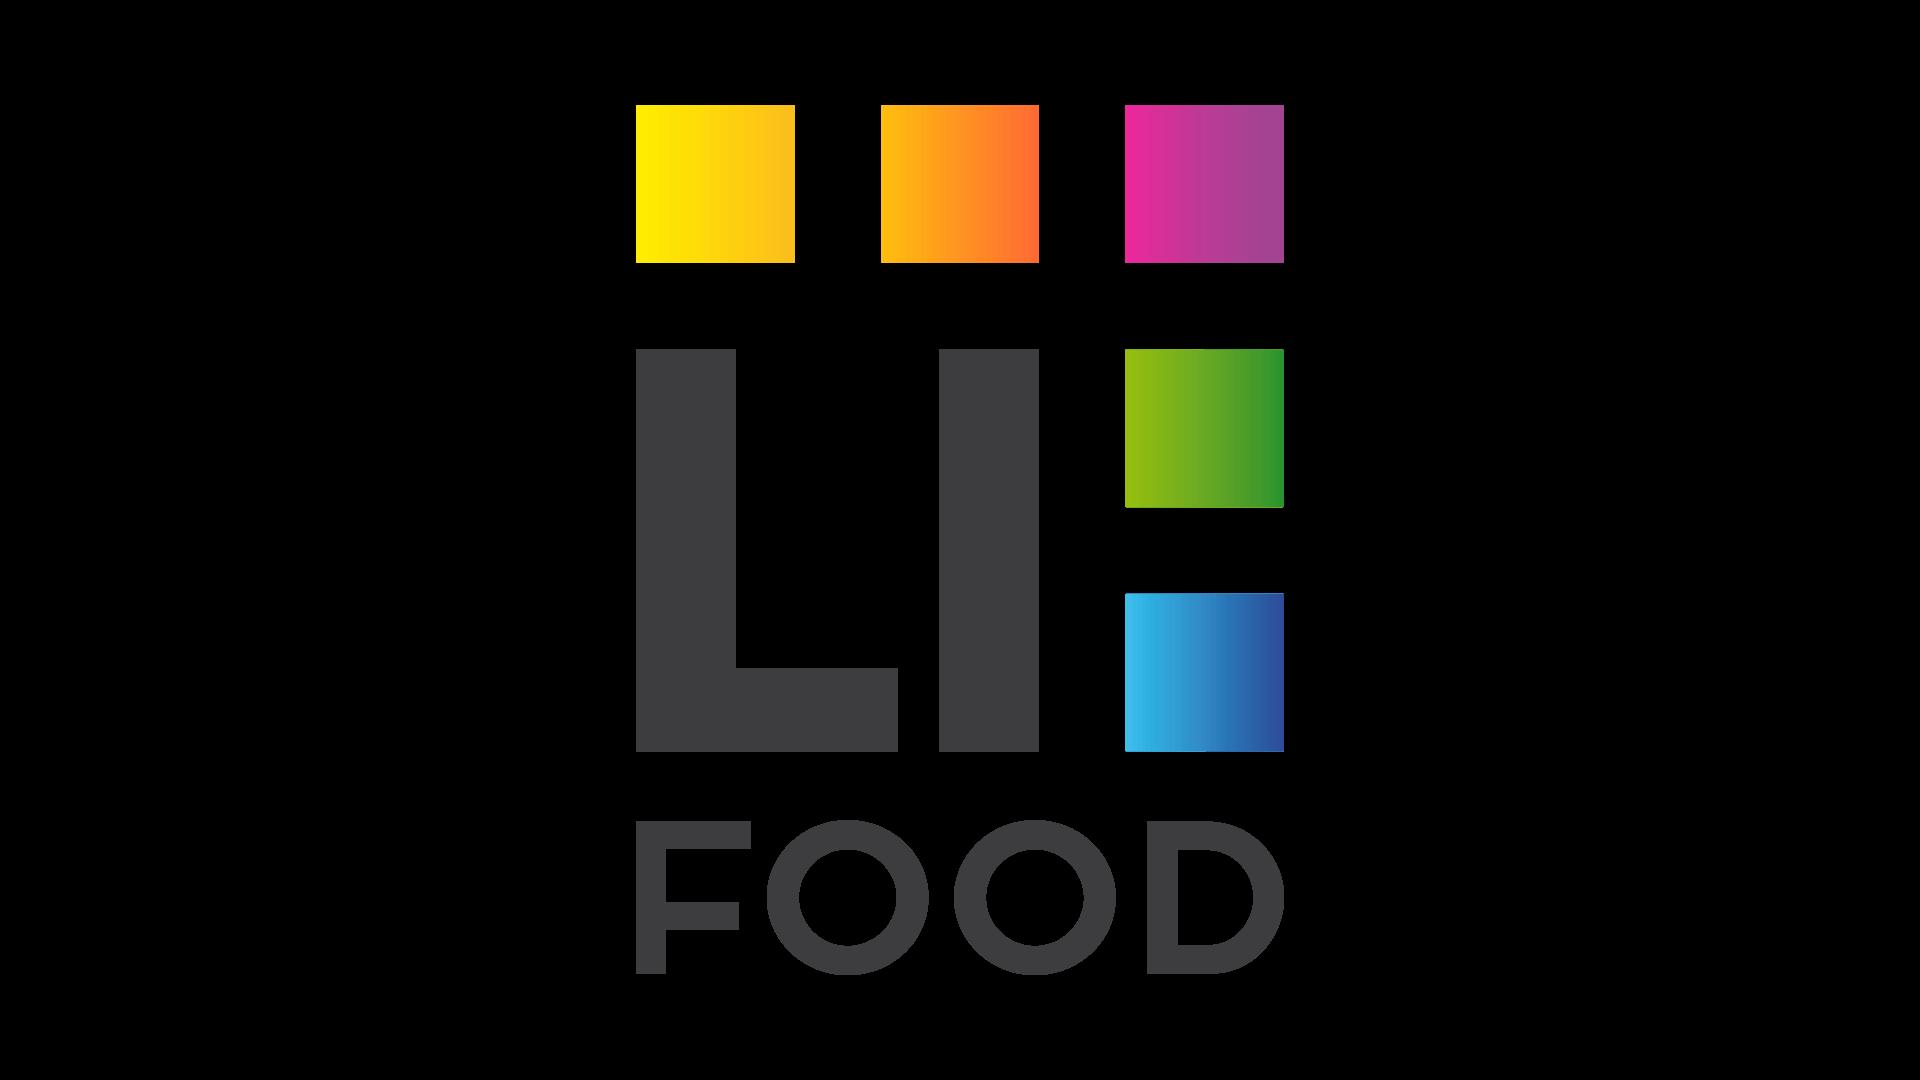 lifood_logo_01.png